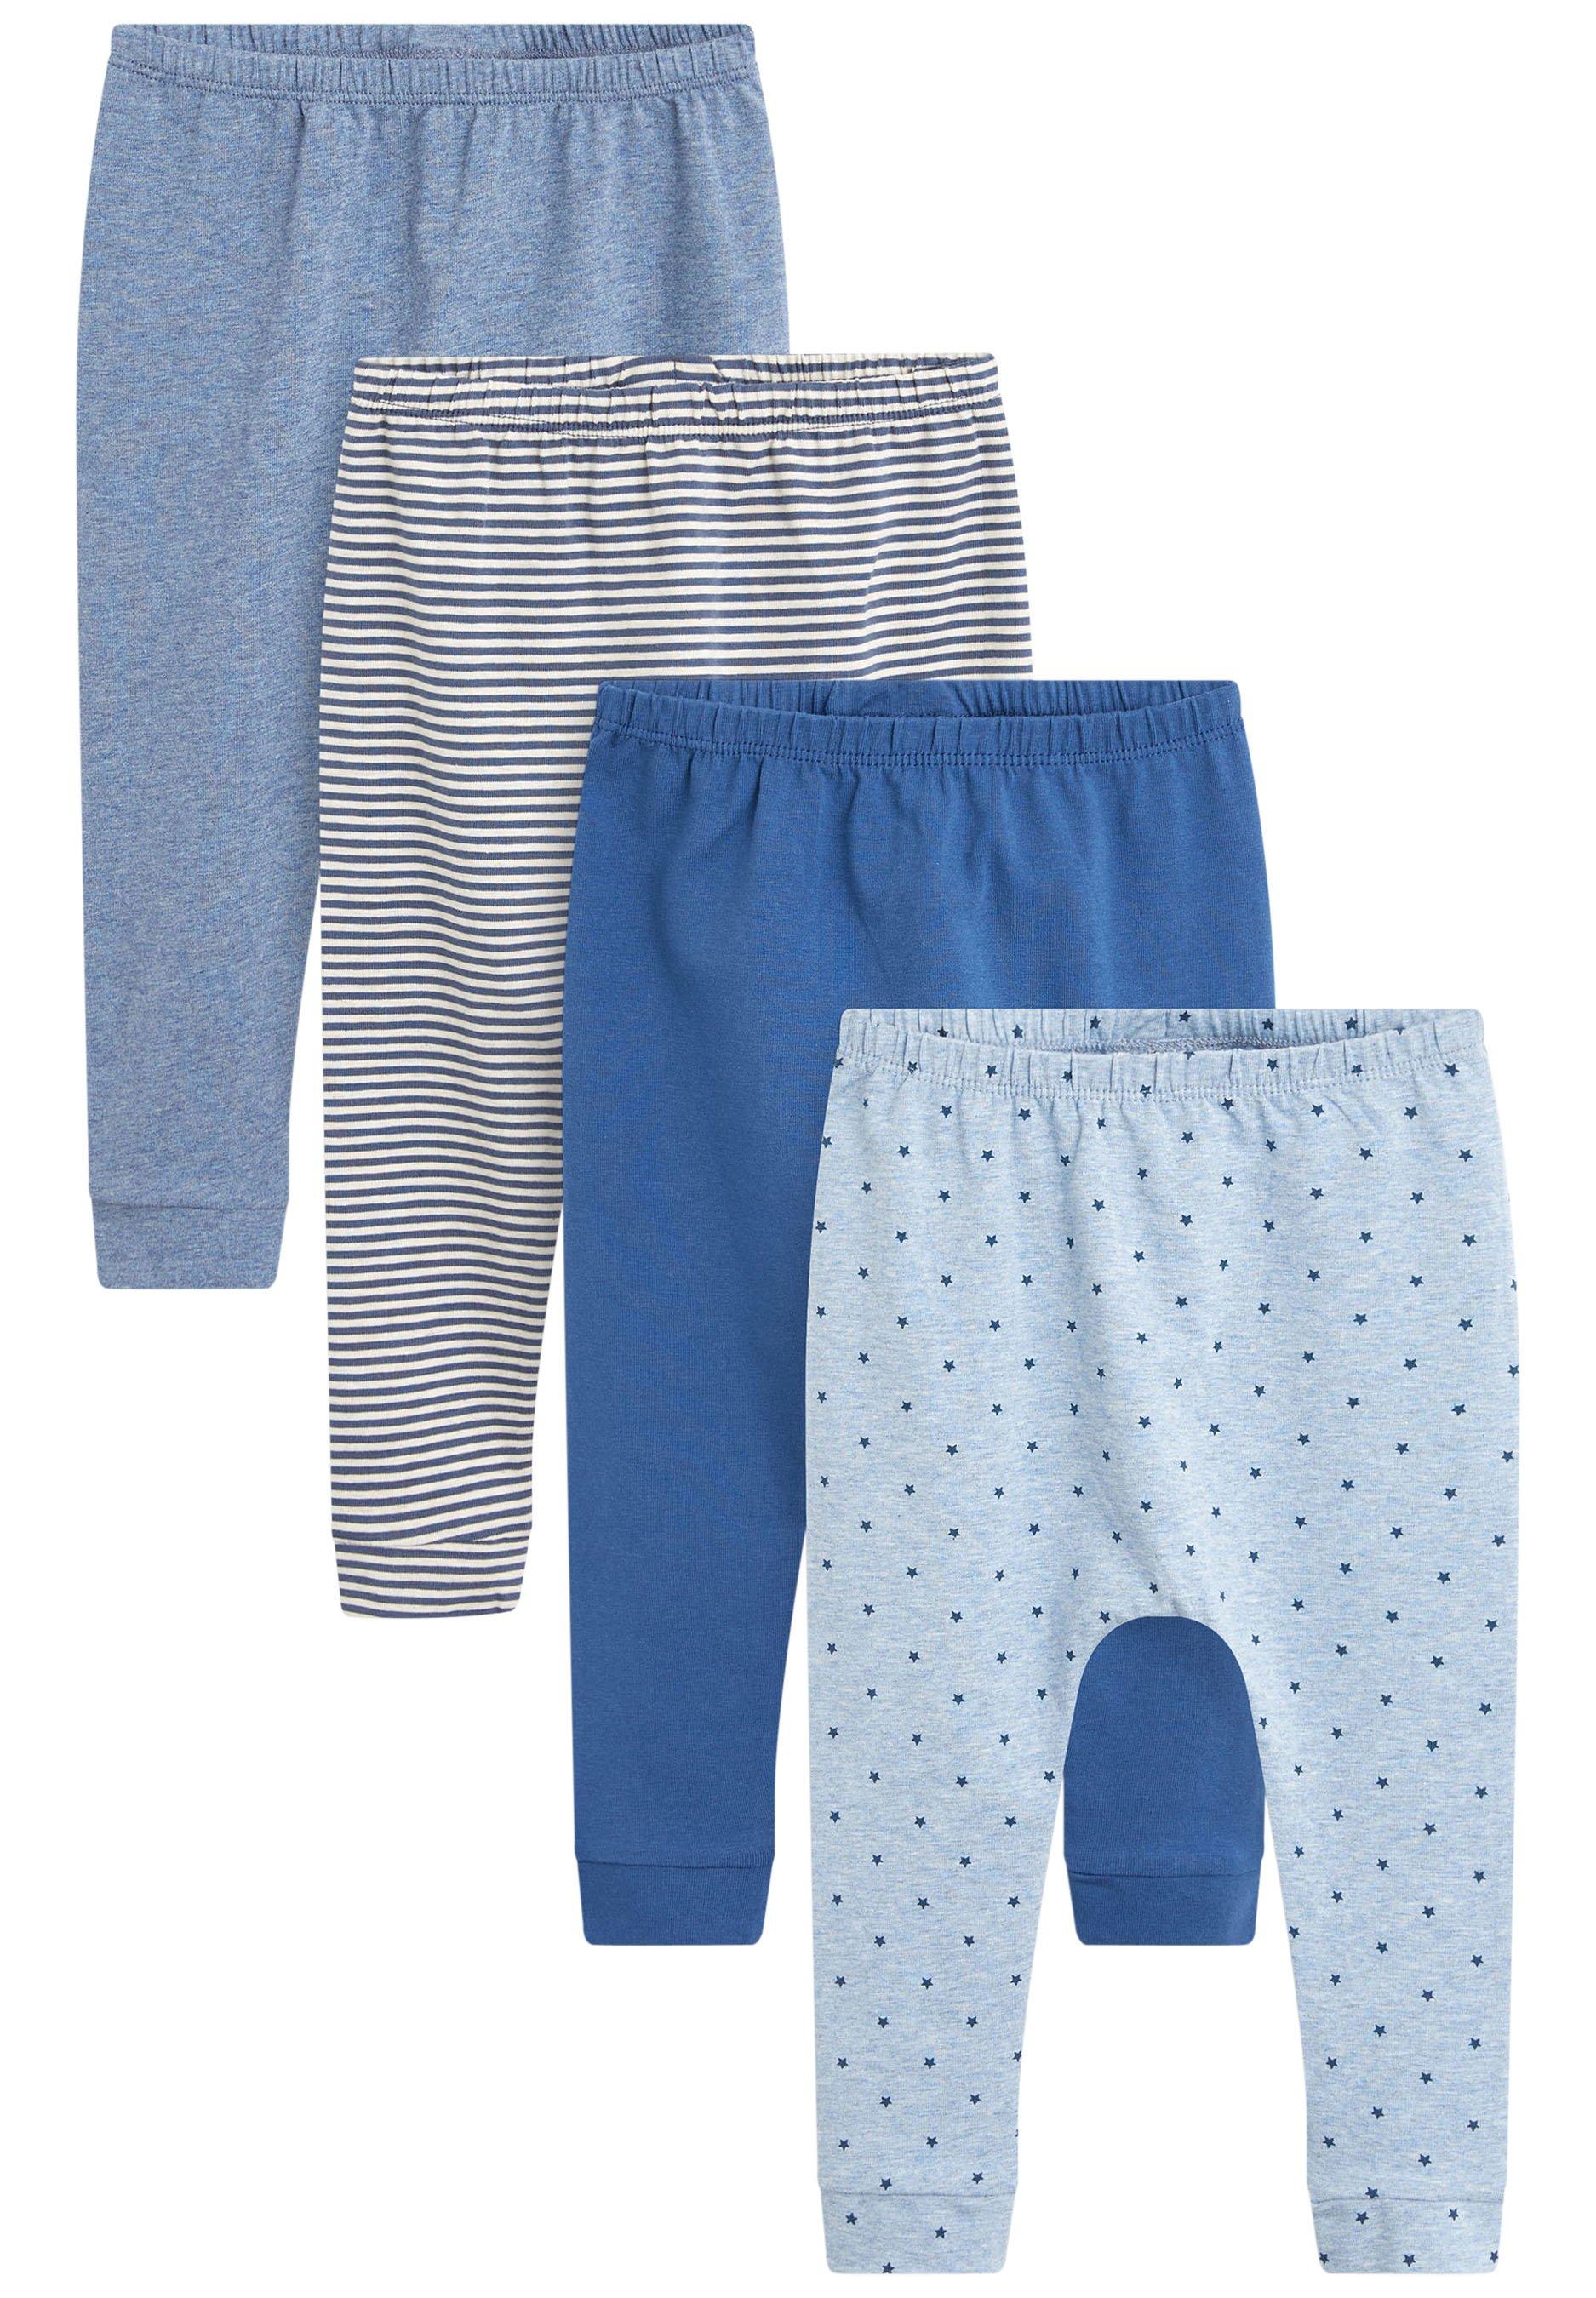 Kinder 4 PACK  - Leggings - Hosen